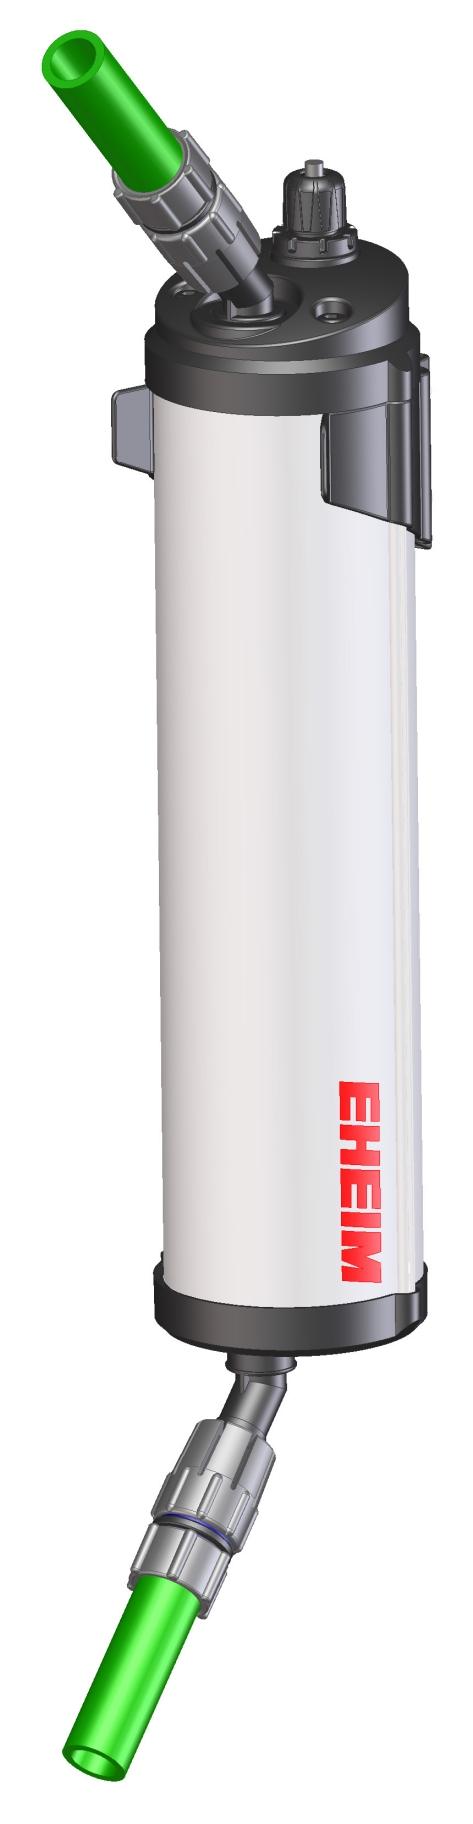 Preise EHEIM Reeflex UV 800